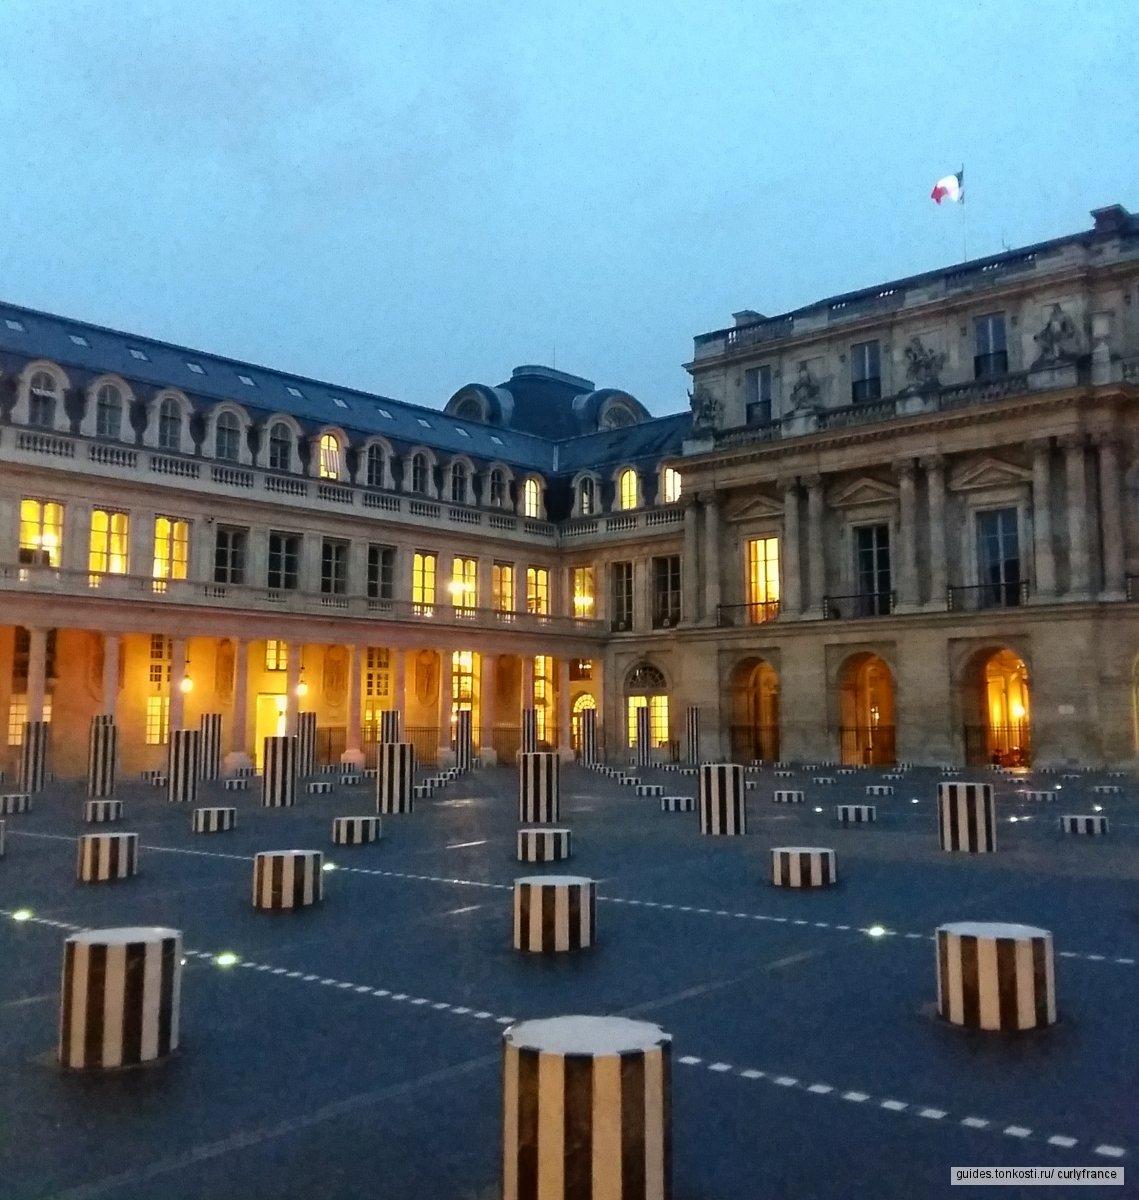 Приключения иностранцев в Париже: Париж глазами путешественников 19 века